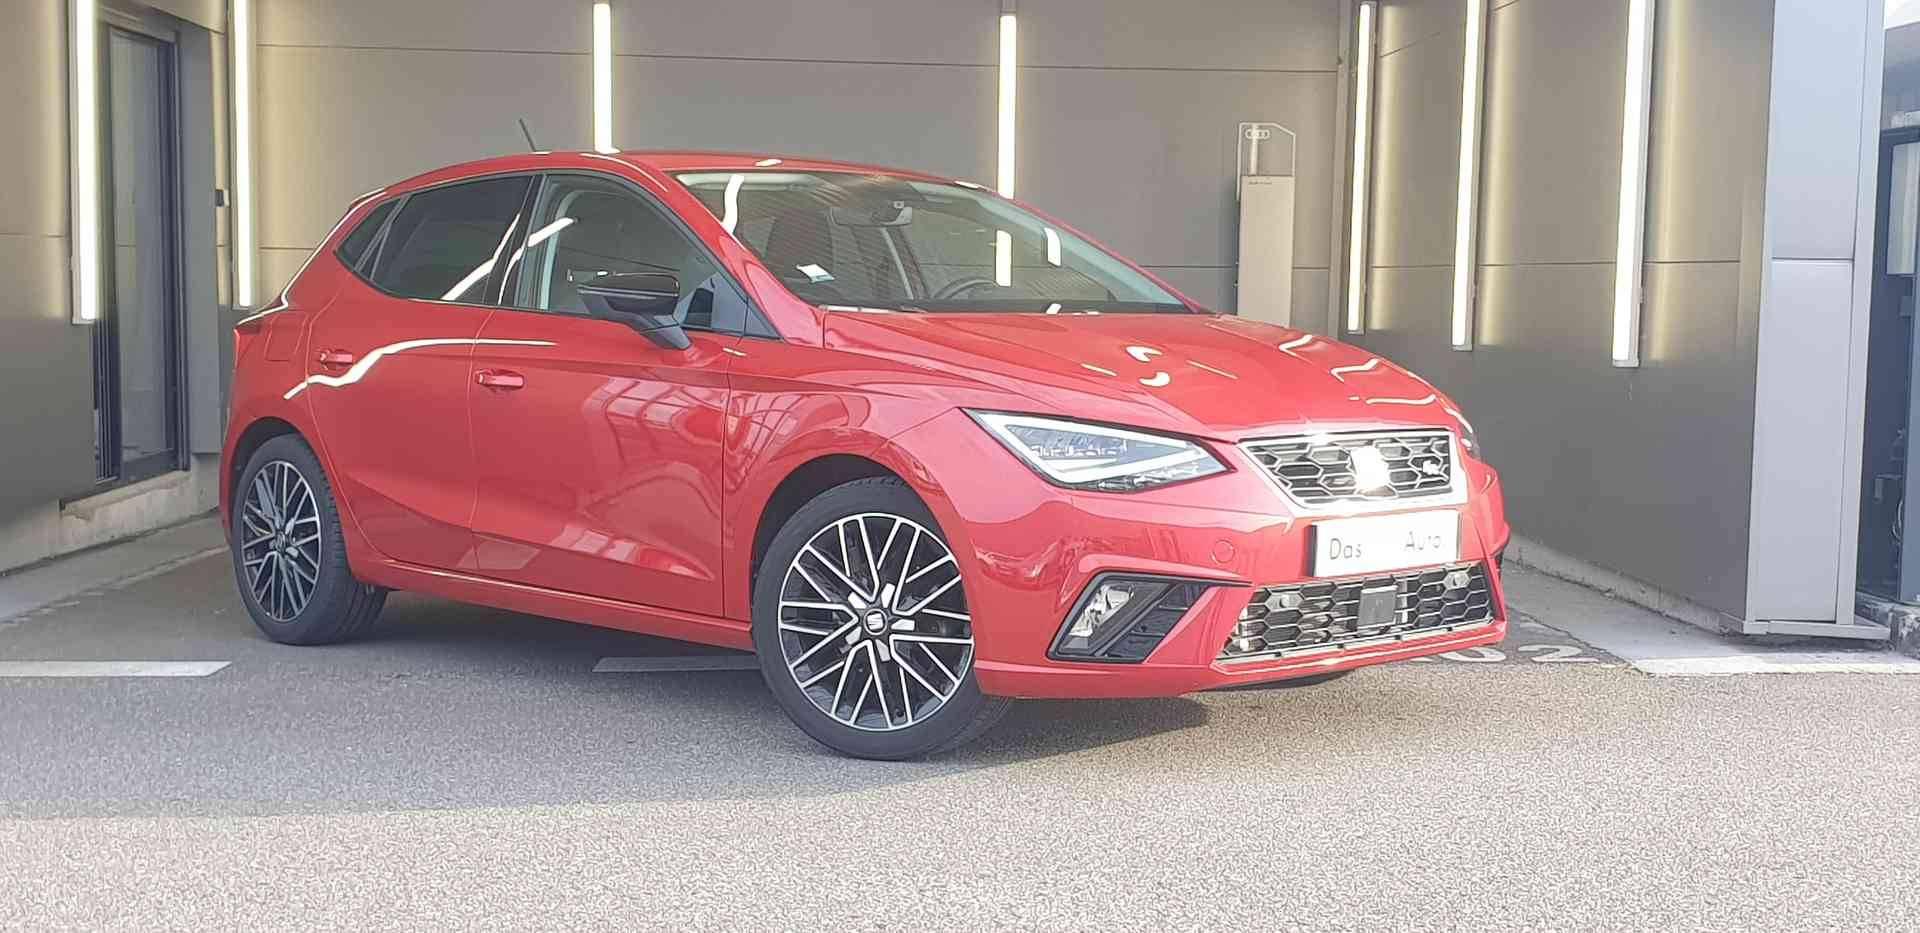 1 - Ibiza 1.0 EcoTSI 115 ch S/S DSG7